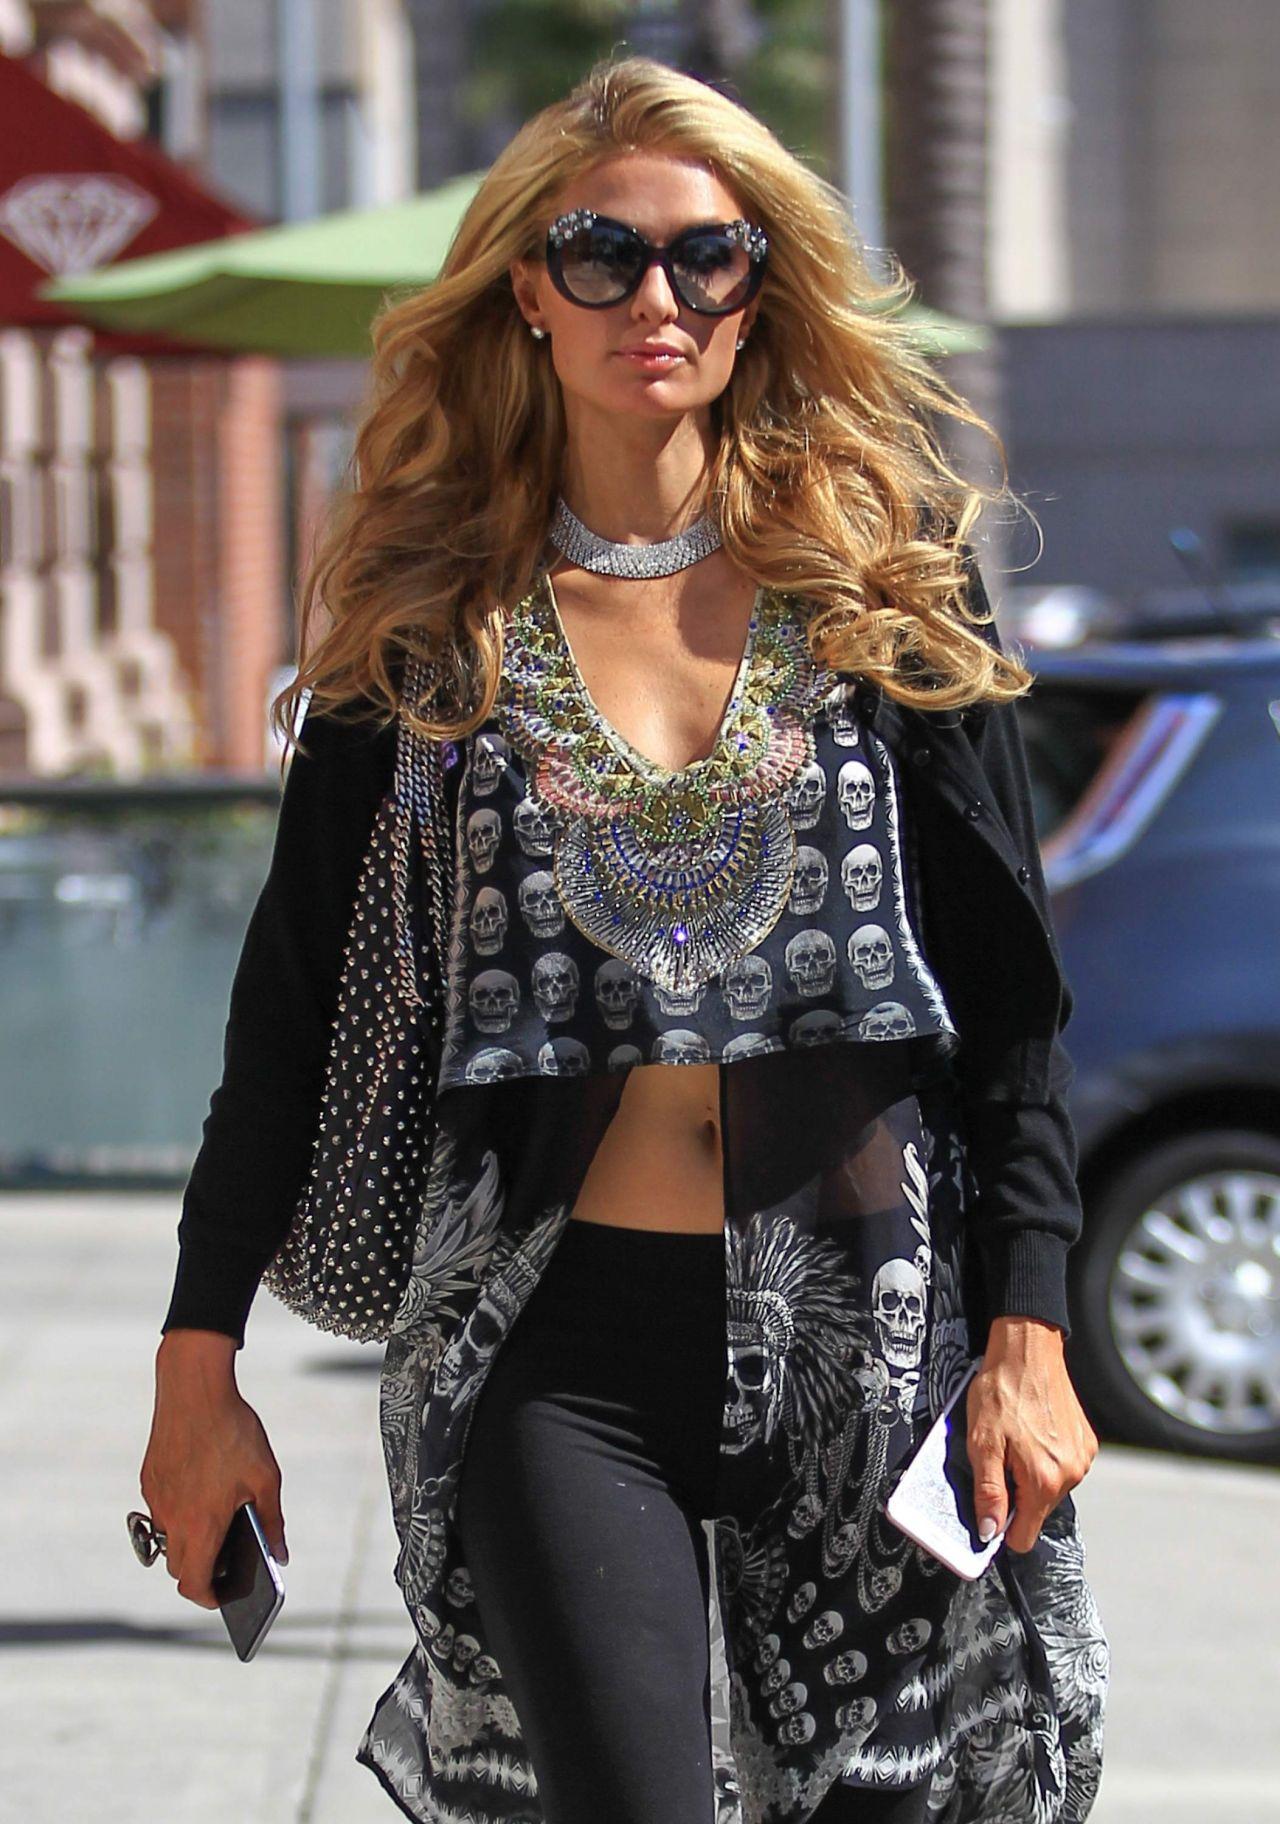 Paris Hilton Urban Outfit Los Angeles 9 6 2016